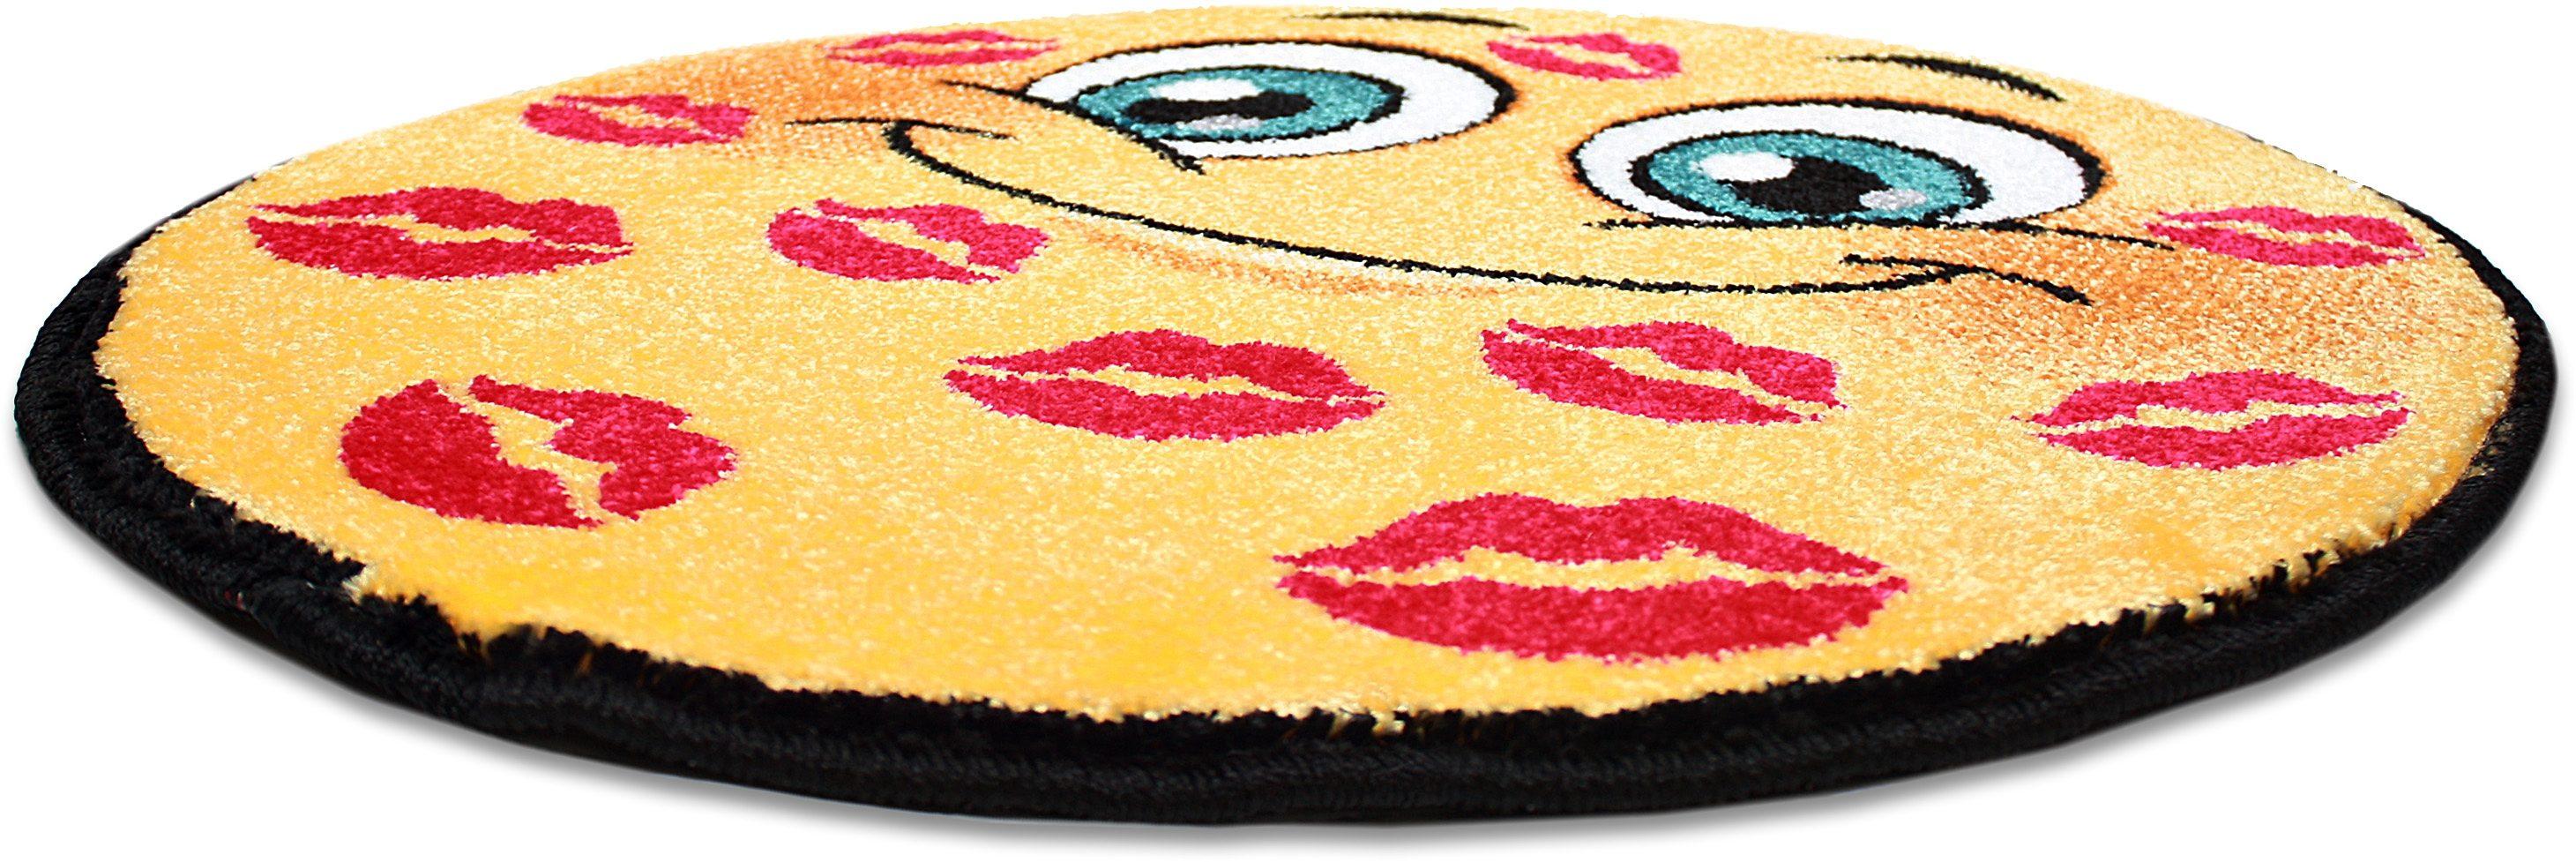 Teppich »Kolibri 11085«, Trend Teppiche, rund, Höhe 11 mm, Smiley Design